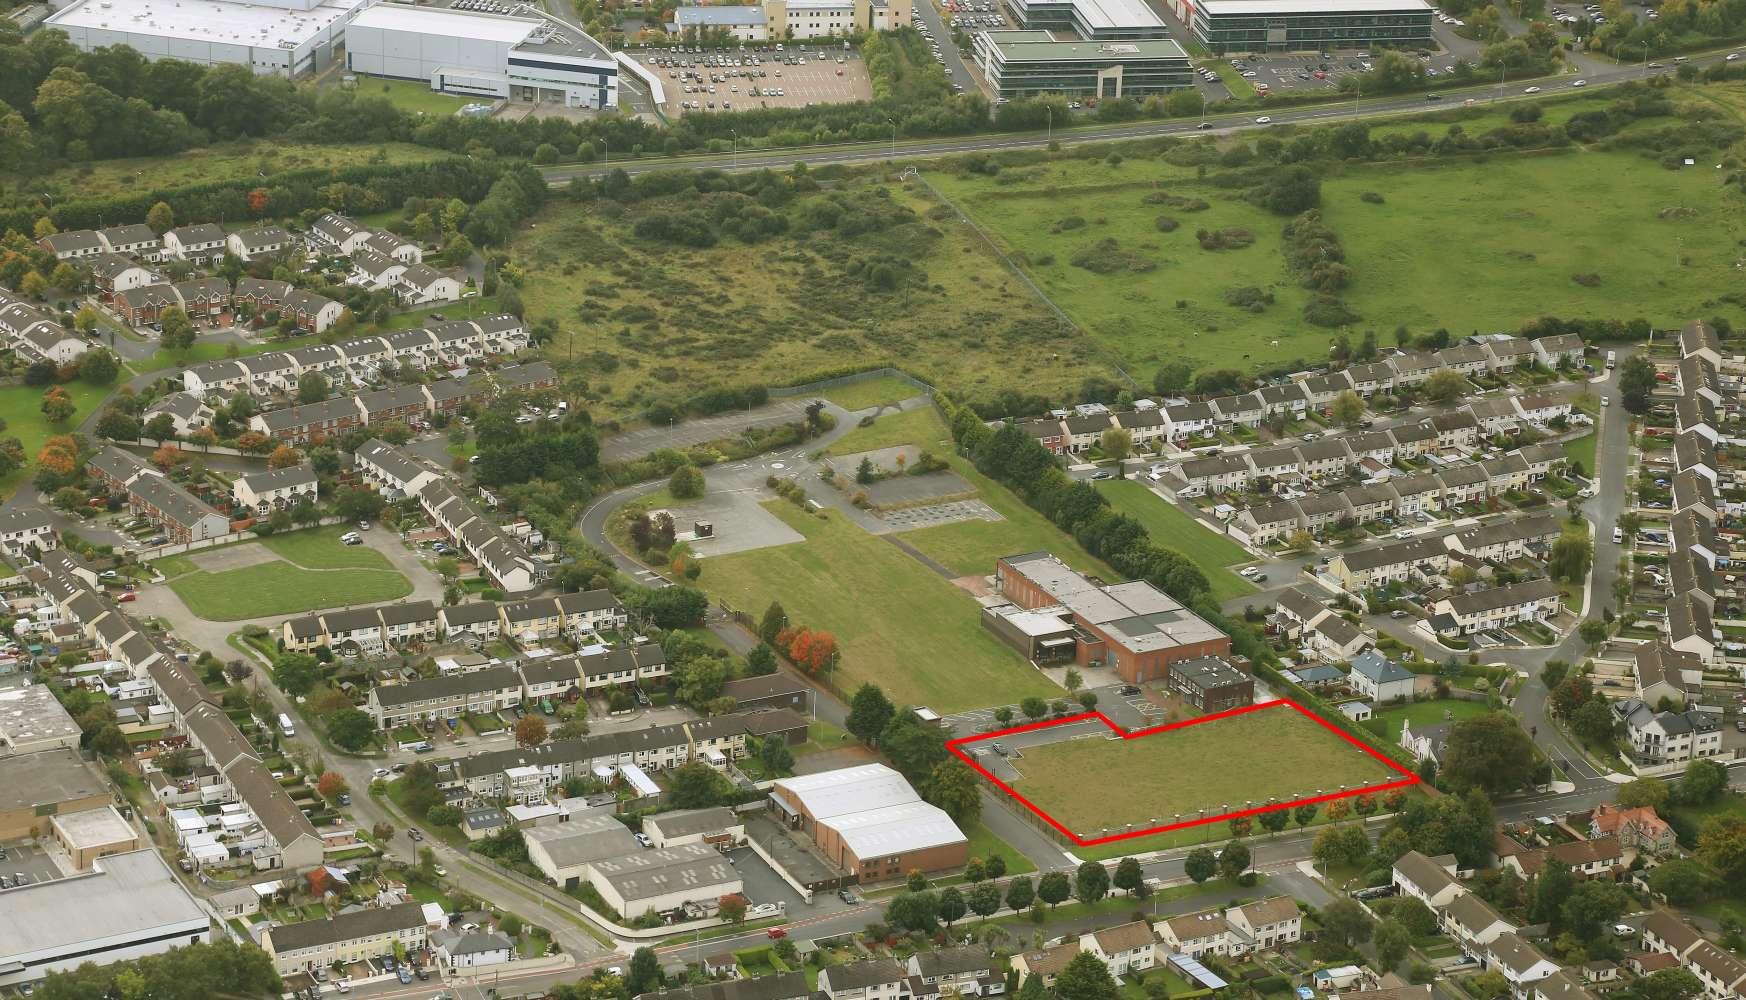 Development land Co wicklow,  - 1.15 Acre Commercial Development Site